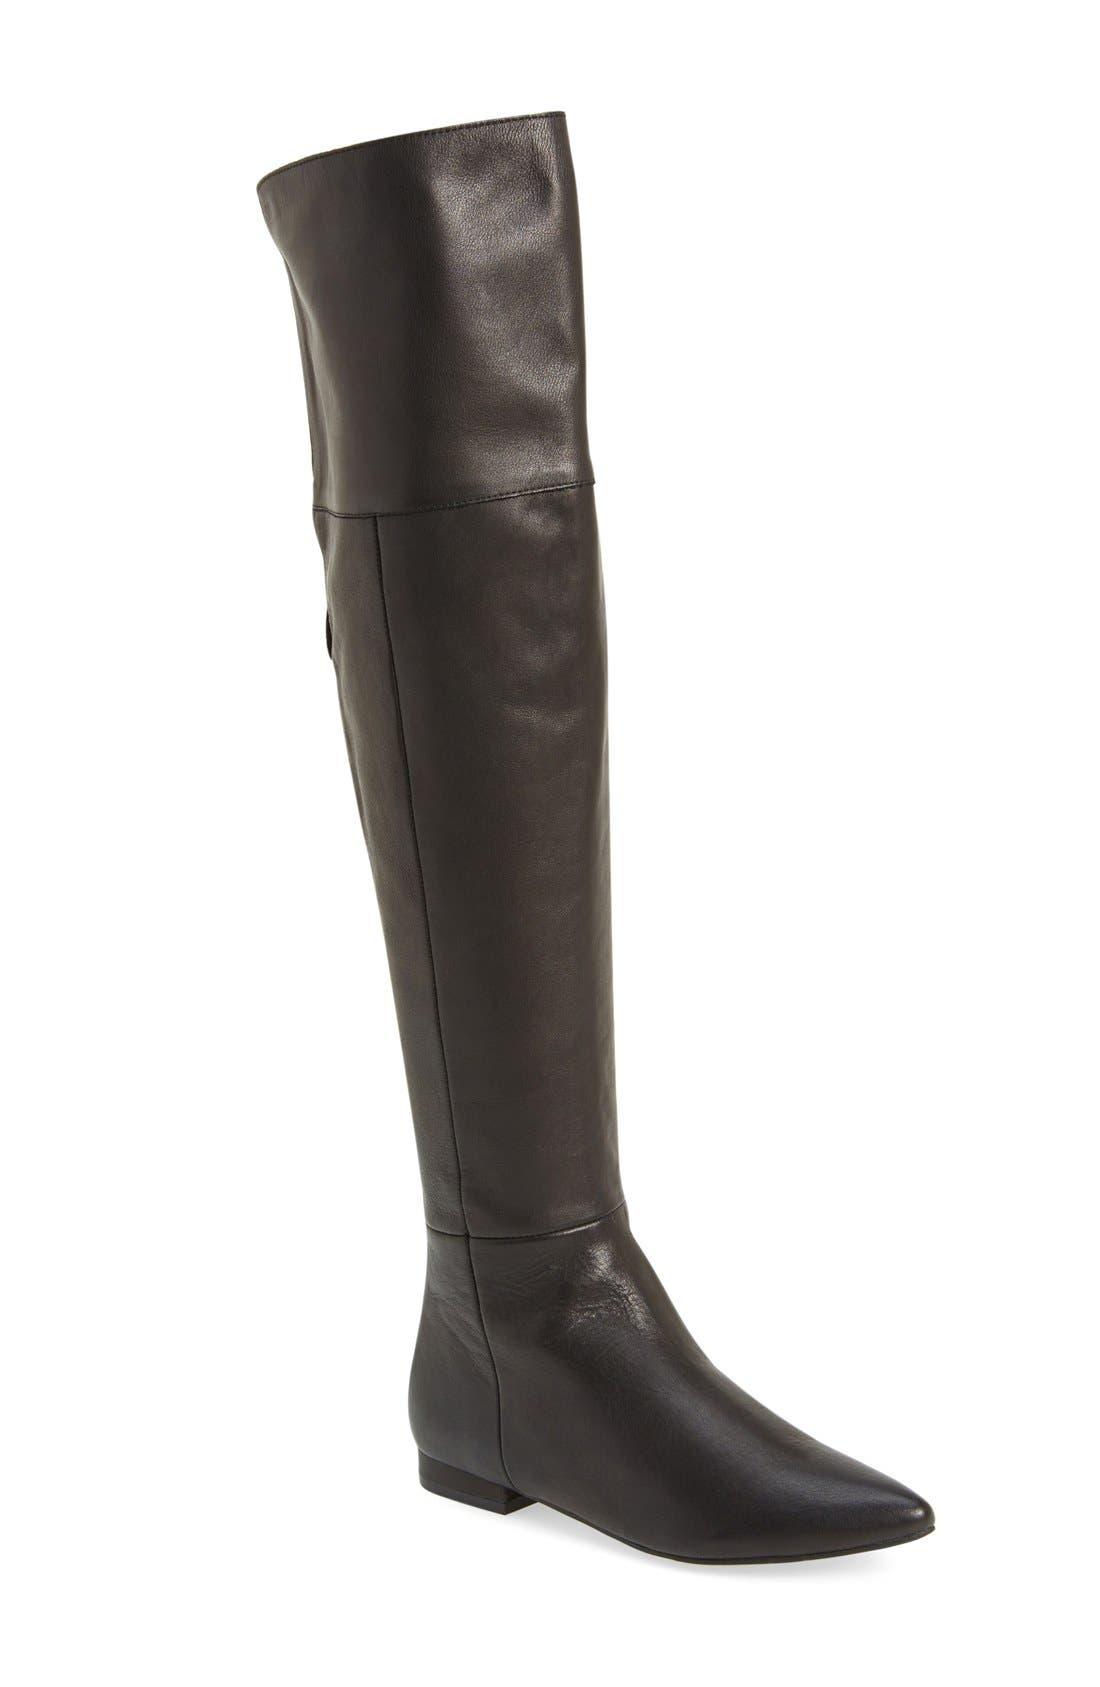 Kristin Cavallari \u0027York\u0027 Over the Knee Boot ...